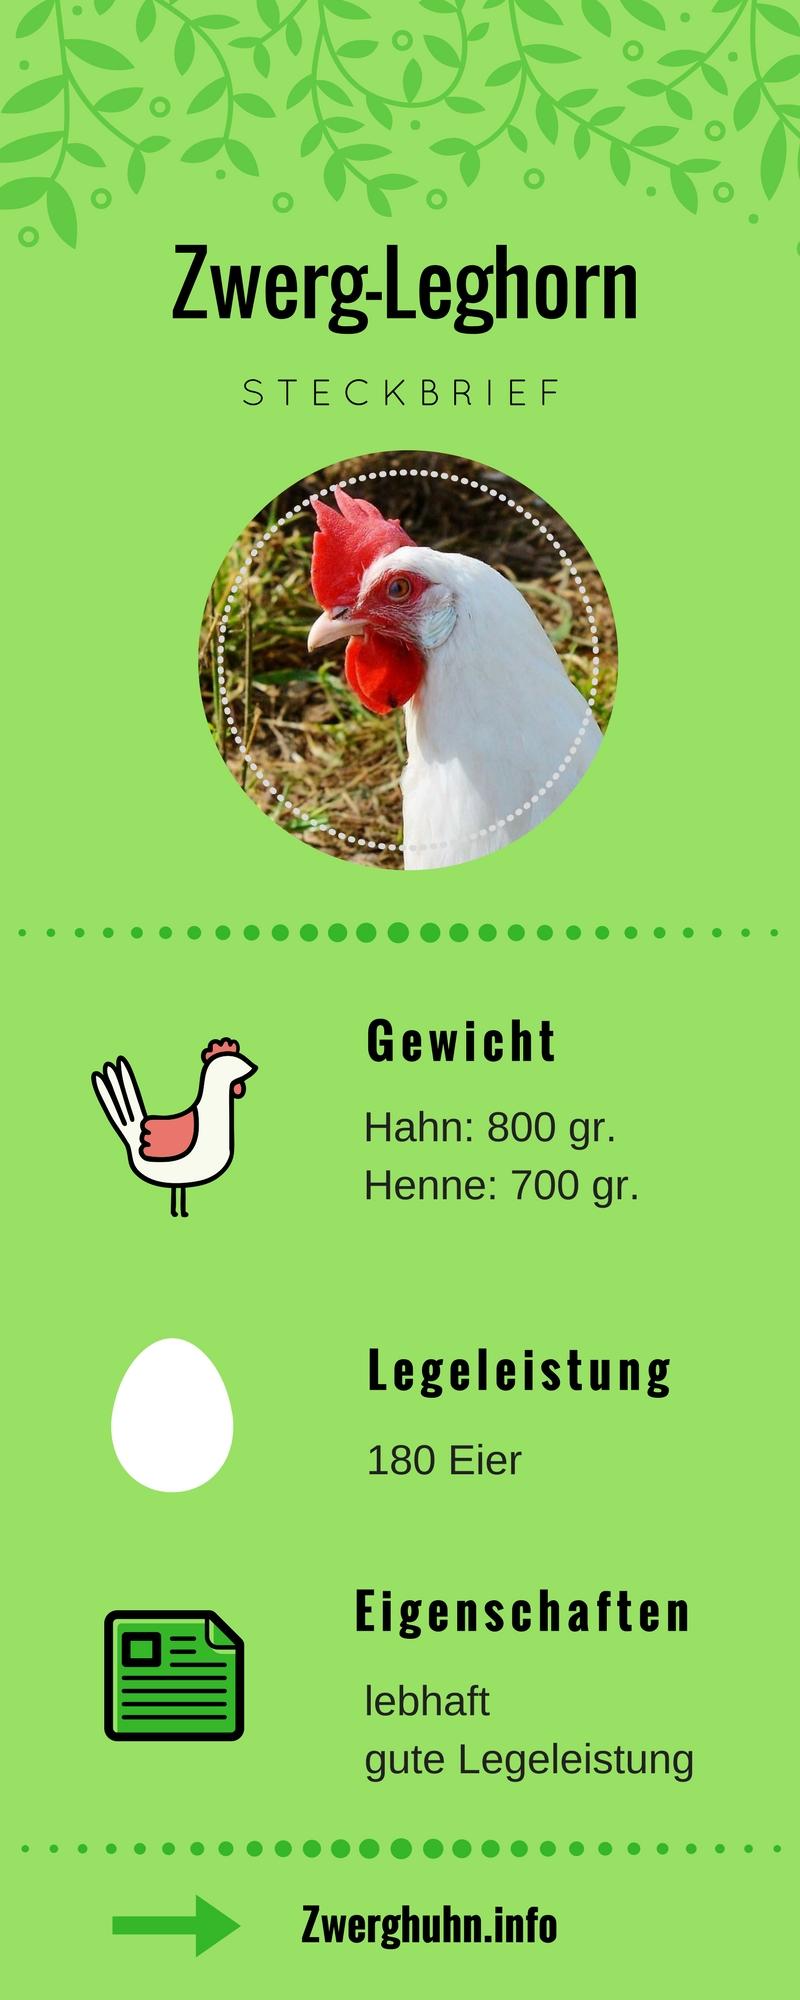 Zwergleghorn Steckbrief, Legeleistung, Eigenschaften und Rassemerkmale, Zwerghühner